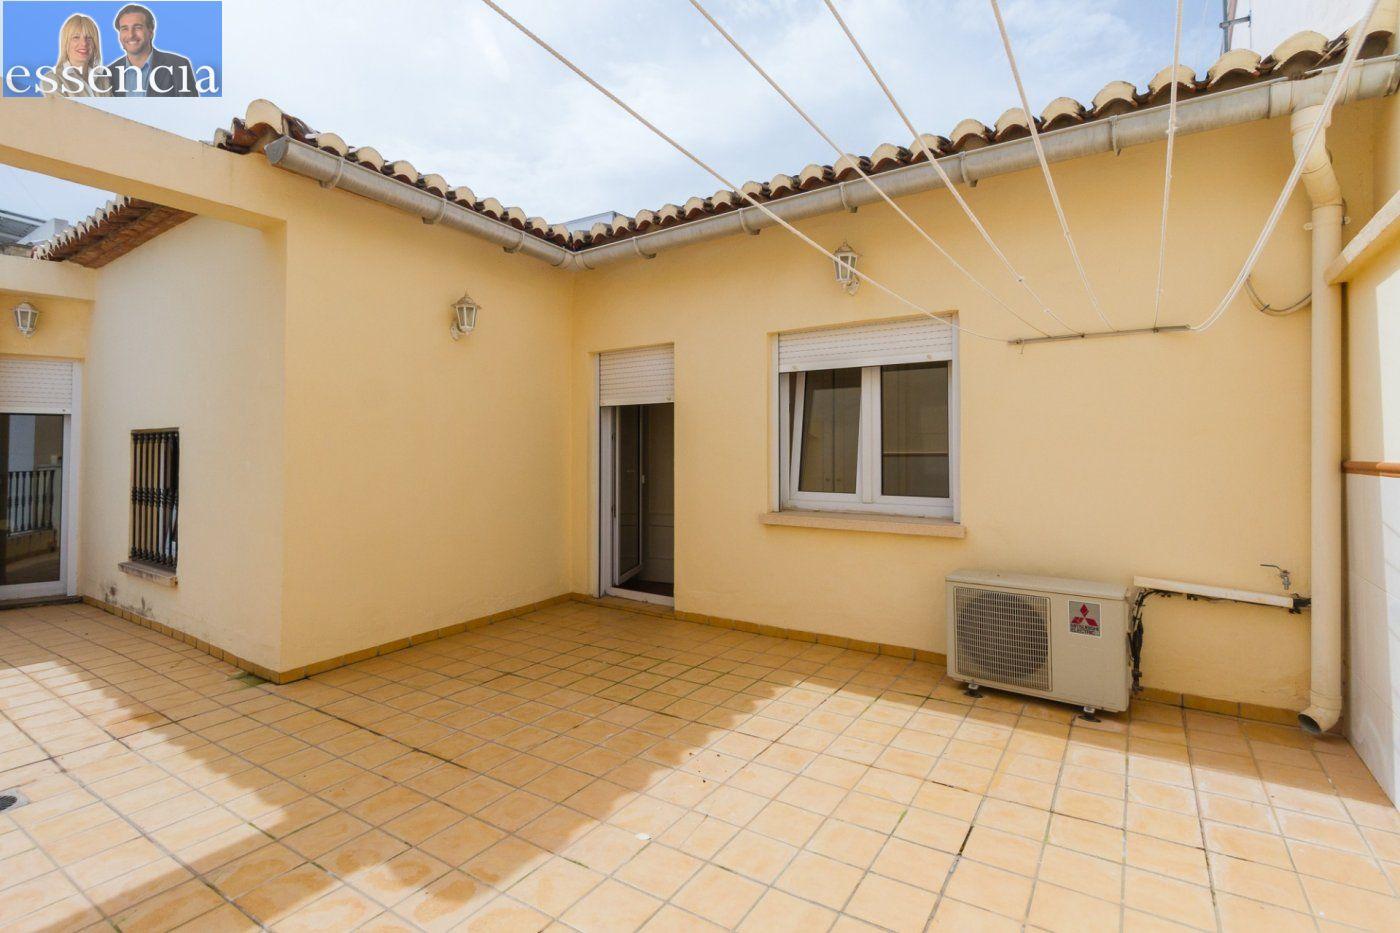 Casa con encanto en el centro de gandÍa para clientes vip - imagenInmueble30